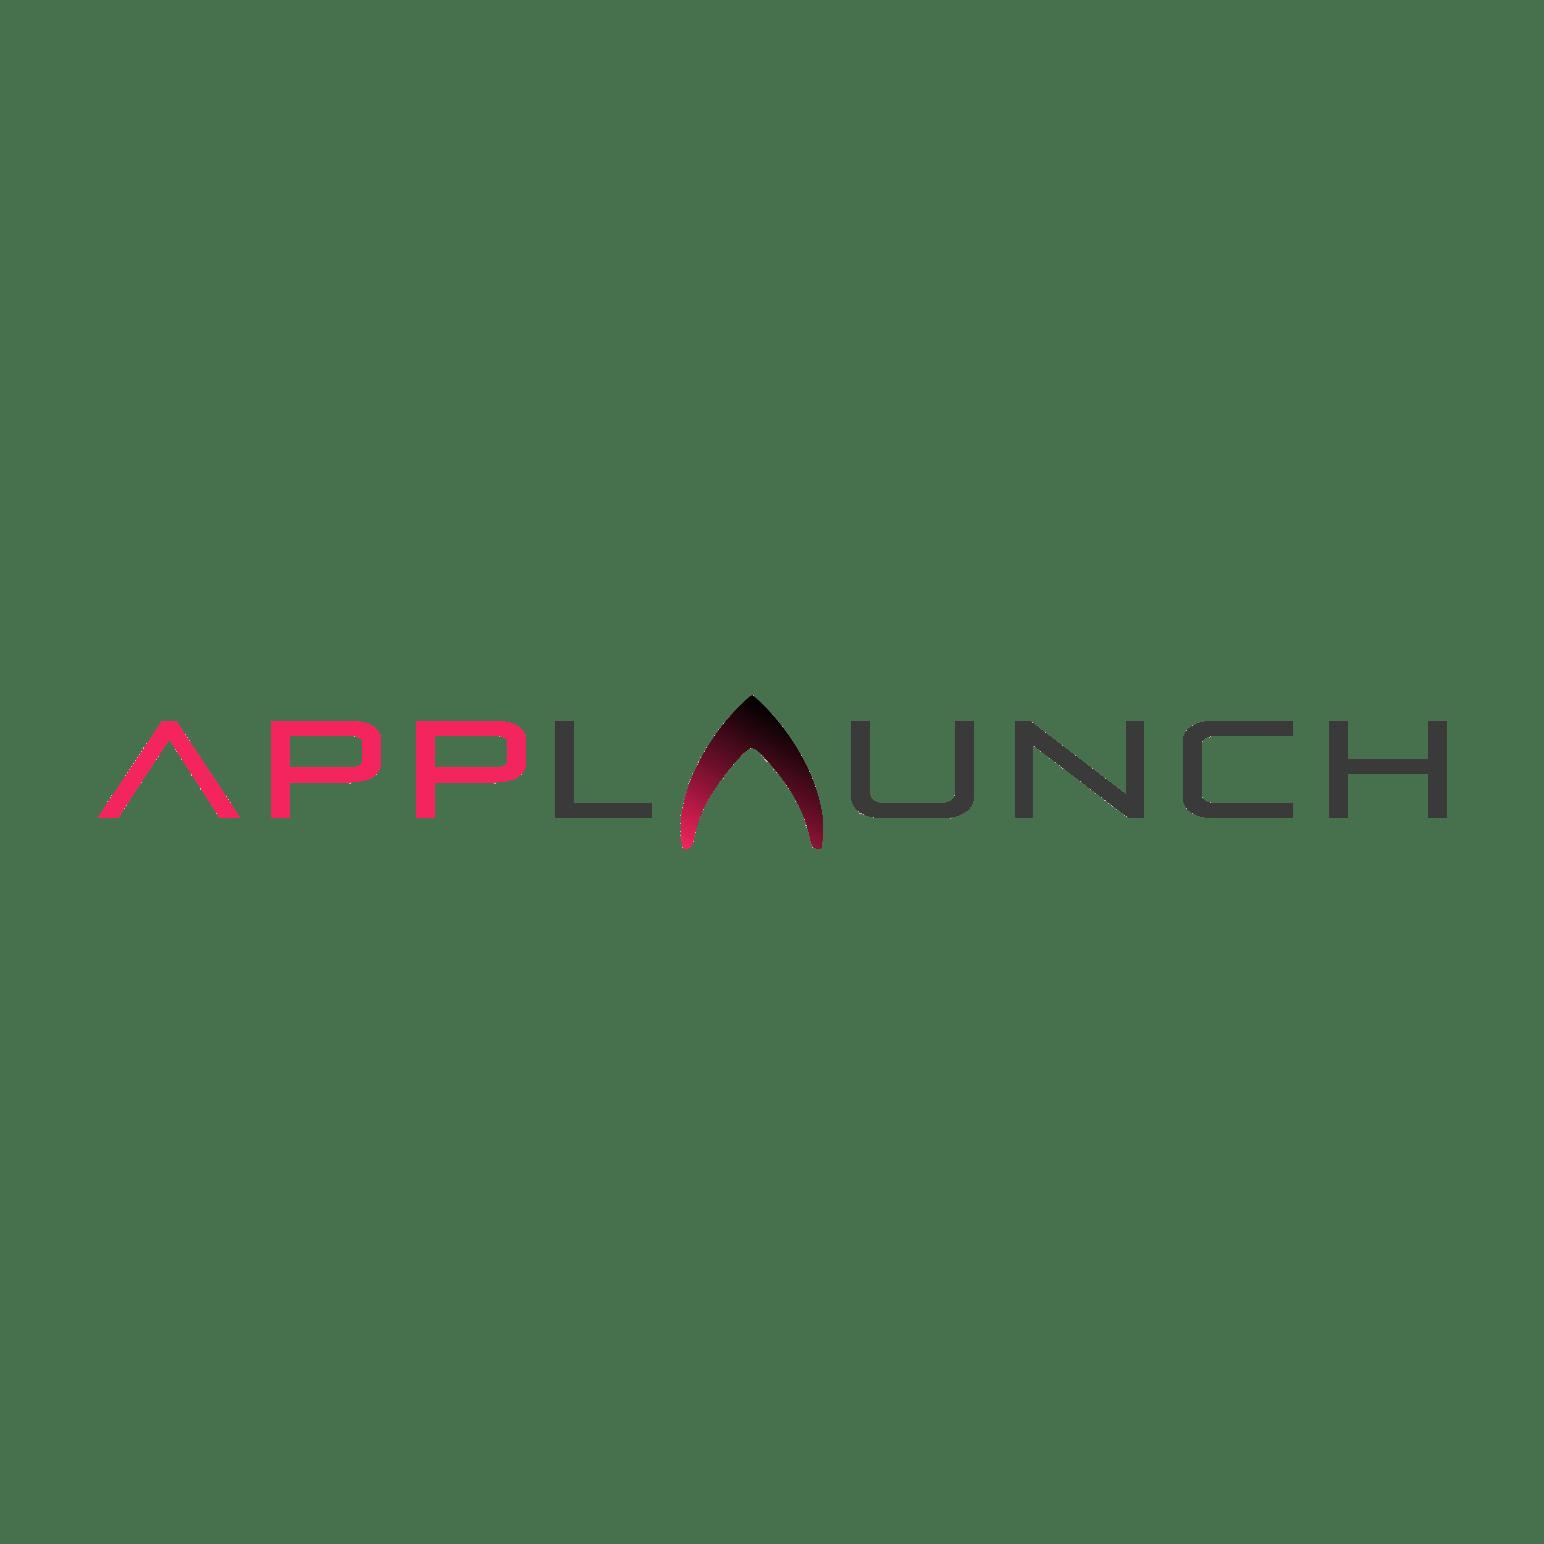 applaunch_logo